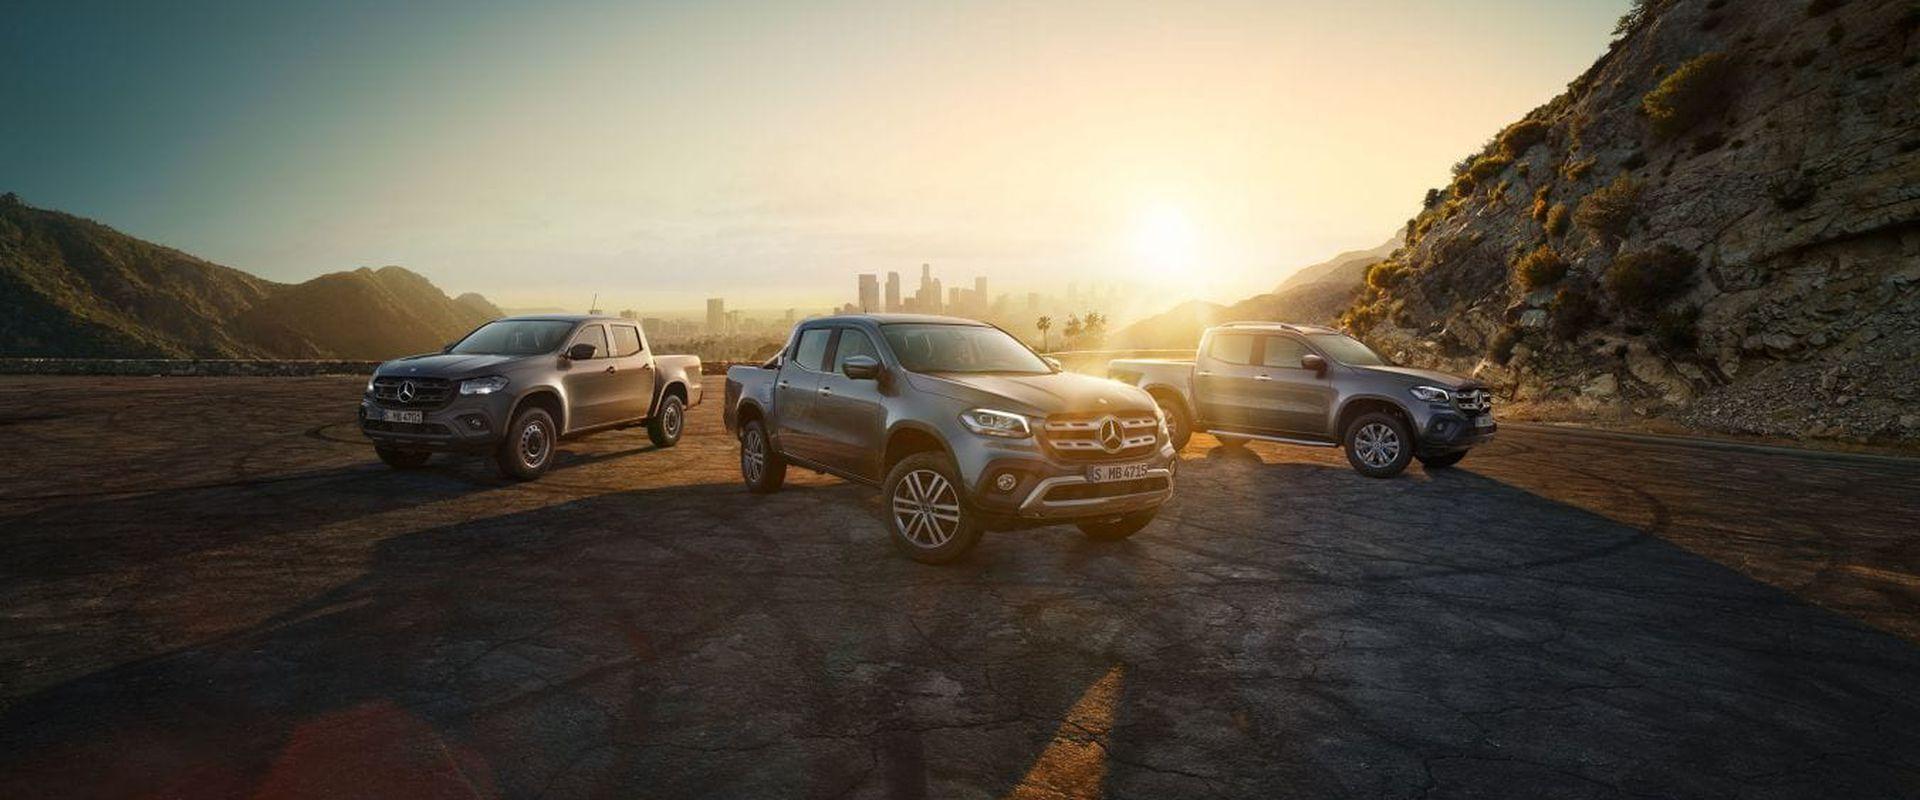 Nyári kirándulás a Mercedes - Benz X-osztállyal